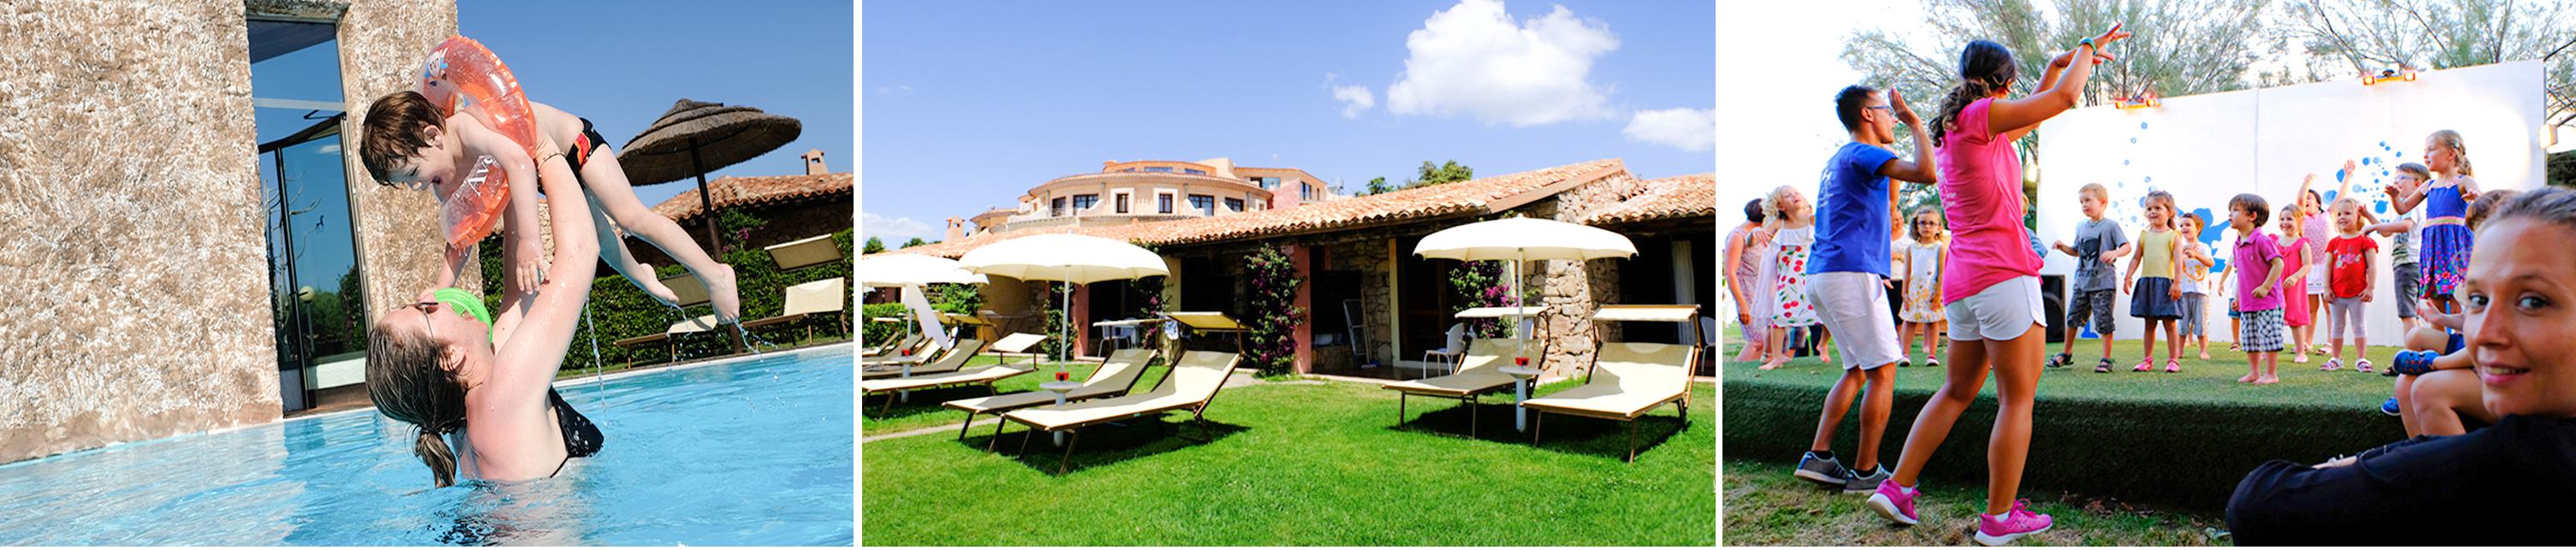 B_ottimizzato__B_FAMILY__photo__nuova_copia_LANDING-PAGE__01__Family-Sardegna---La-tua-vacanza-di-agosto-con-i-bambini__Portami-con-Te__copia